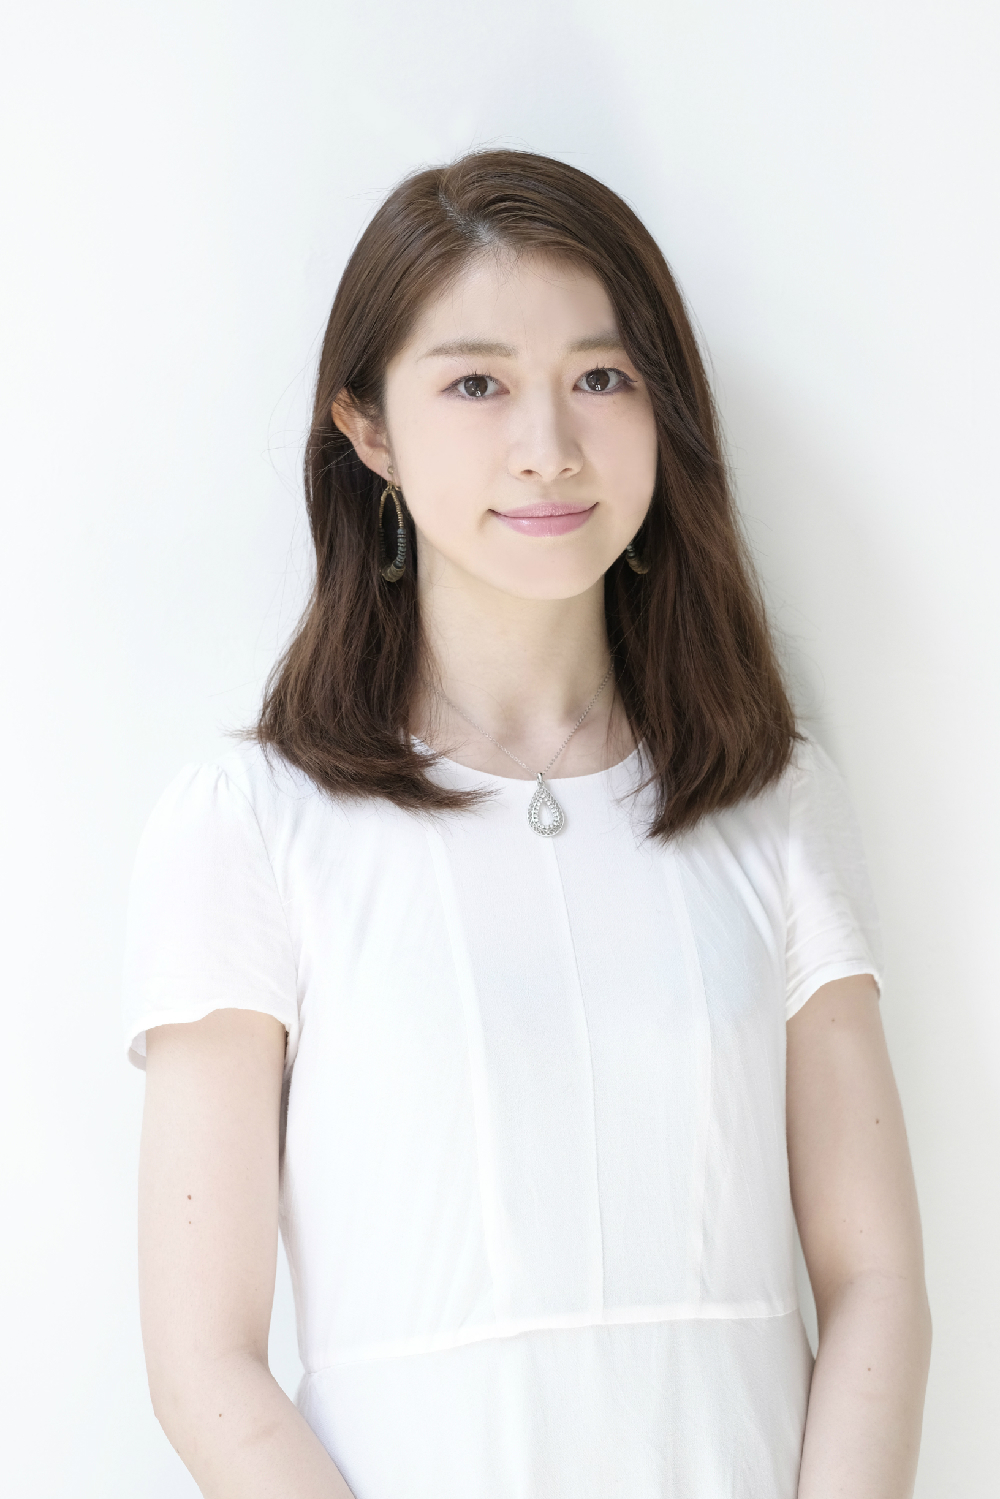 肌の白さが自慢の朝倉さん。休日は犬の散歩と映画鑑賞をして過ごすことが多いそう。好きなタイプは「礼儀正しく、ユニークな人」。